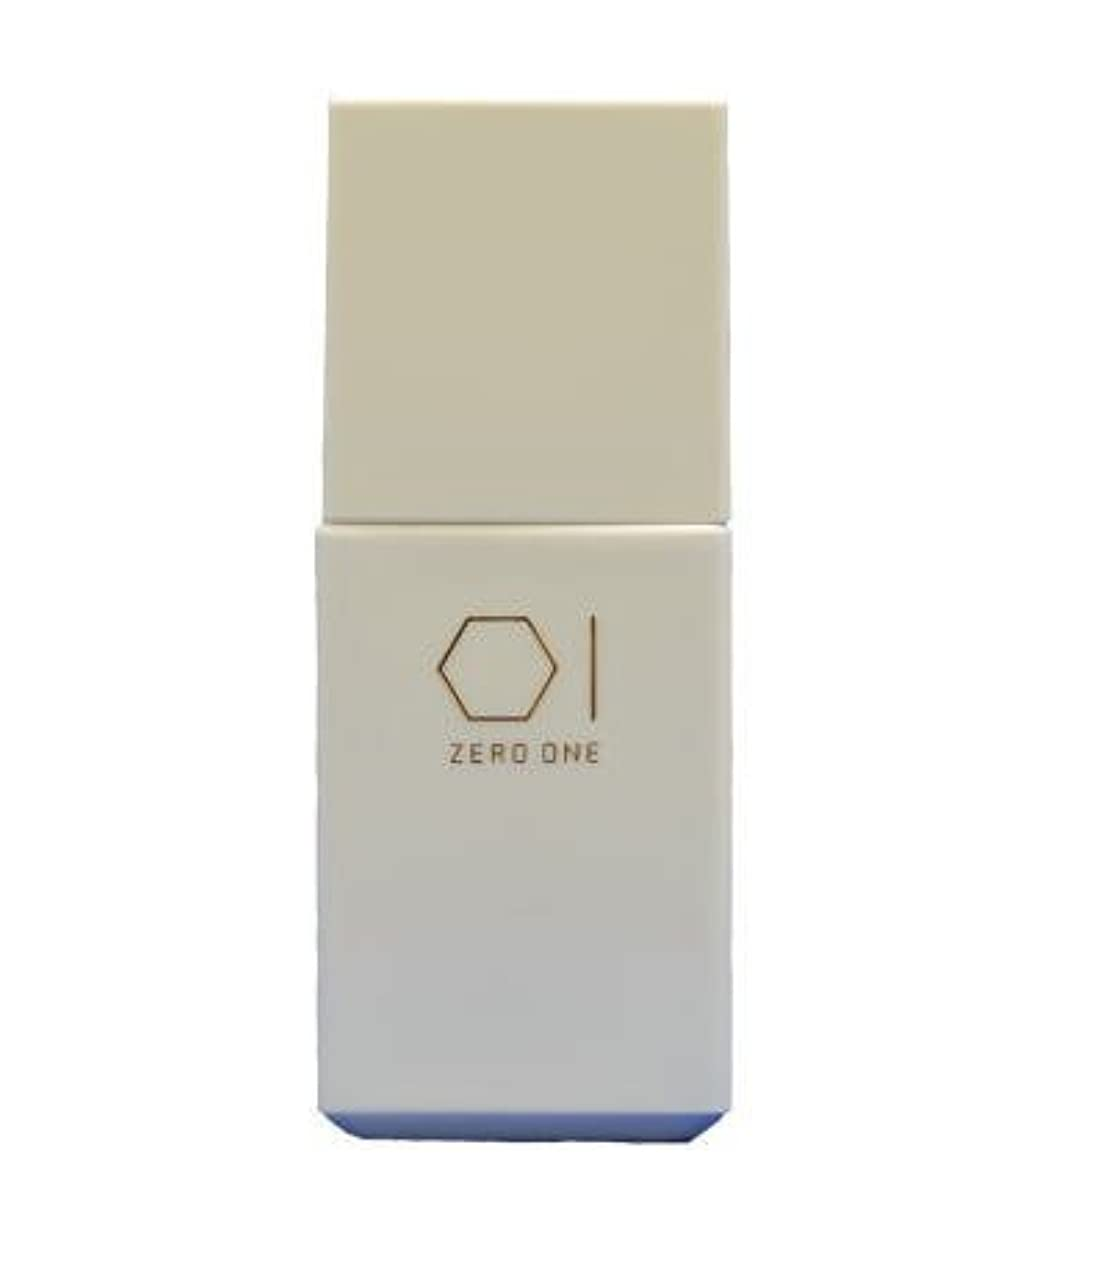 ボア溢れんばかりの本質的ではないZERO ONE(ゼロワン) 50ml